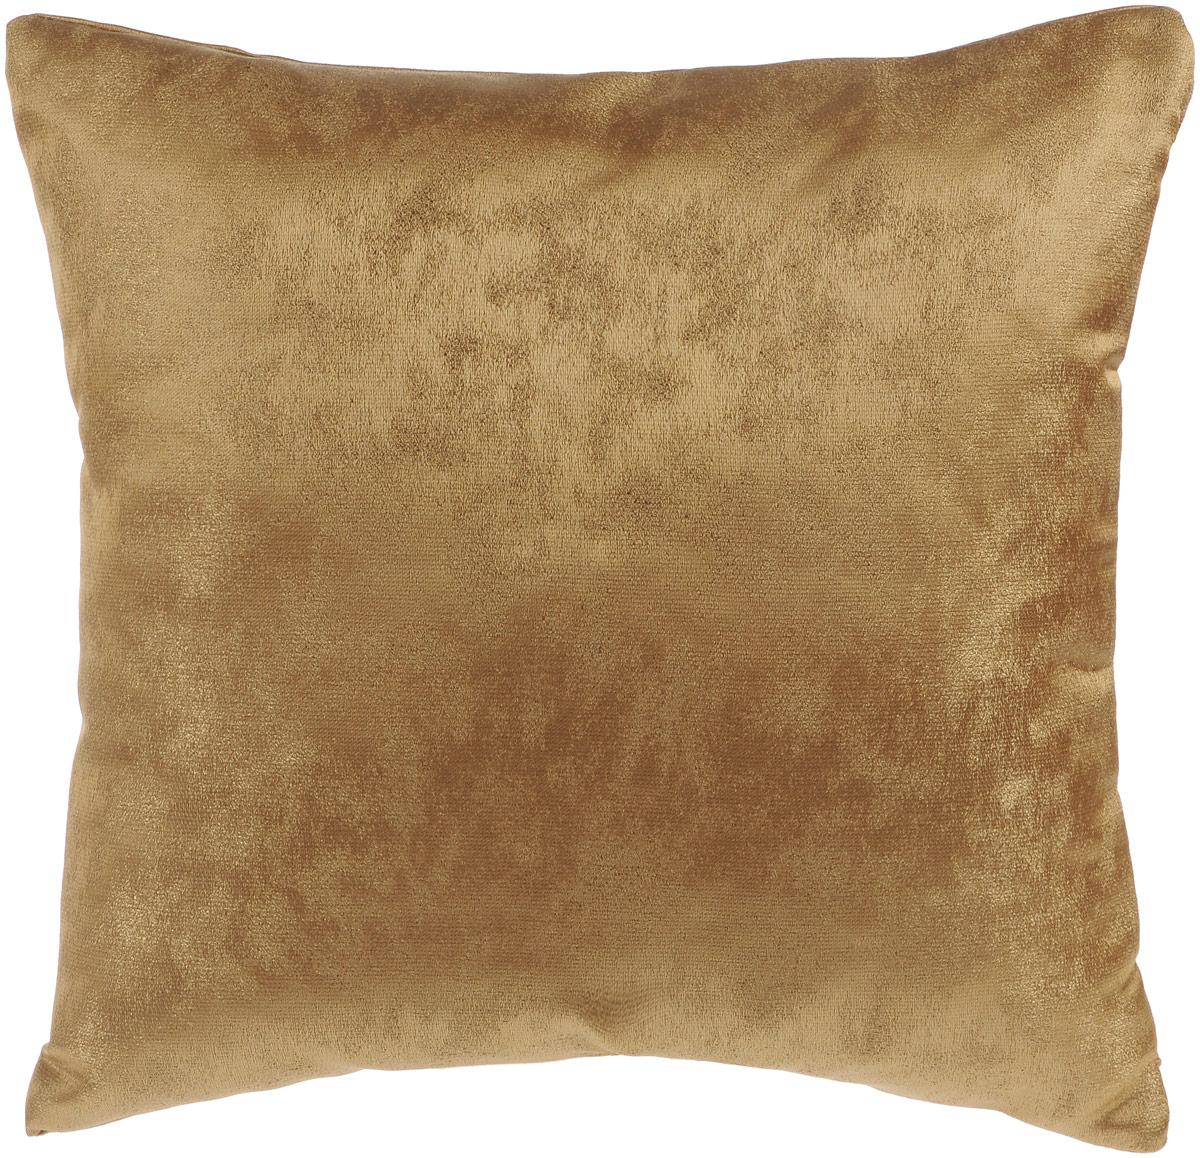 Подушка декоративная KauffOrt Магия, цвет: коричневый, 40 x 40 см3121909625Декоративная подушка Магия прекрасно дополнит интерьер спальни или гостиной. Приятный на ощупь чехол подушки выполнен из полиэстера. Внутри находится мягкий наполнитель. Чехол легко снимается благодаря потайной молнии в тон ткани.Красивая подушка создаст атмосферу уюта и комфорта в спальне и станет прекрасным элементом декора.